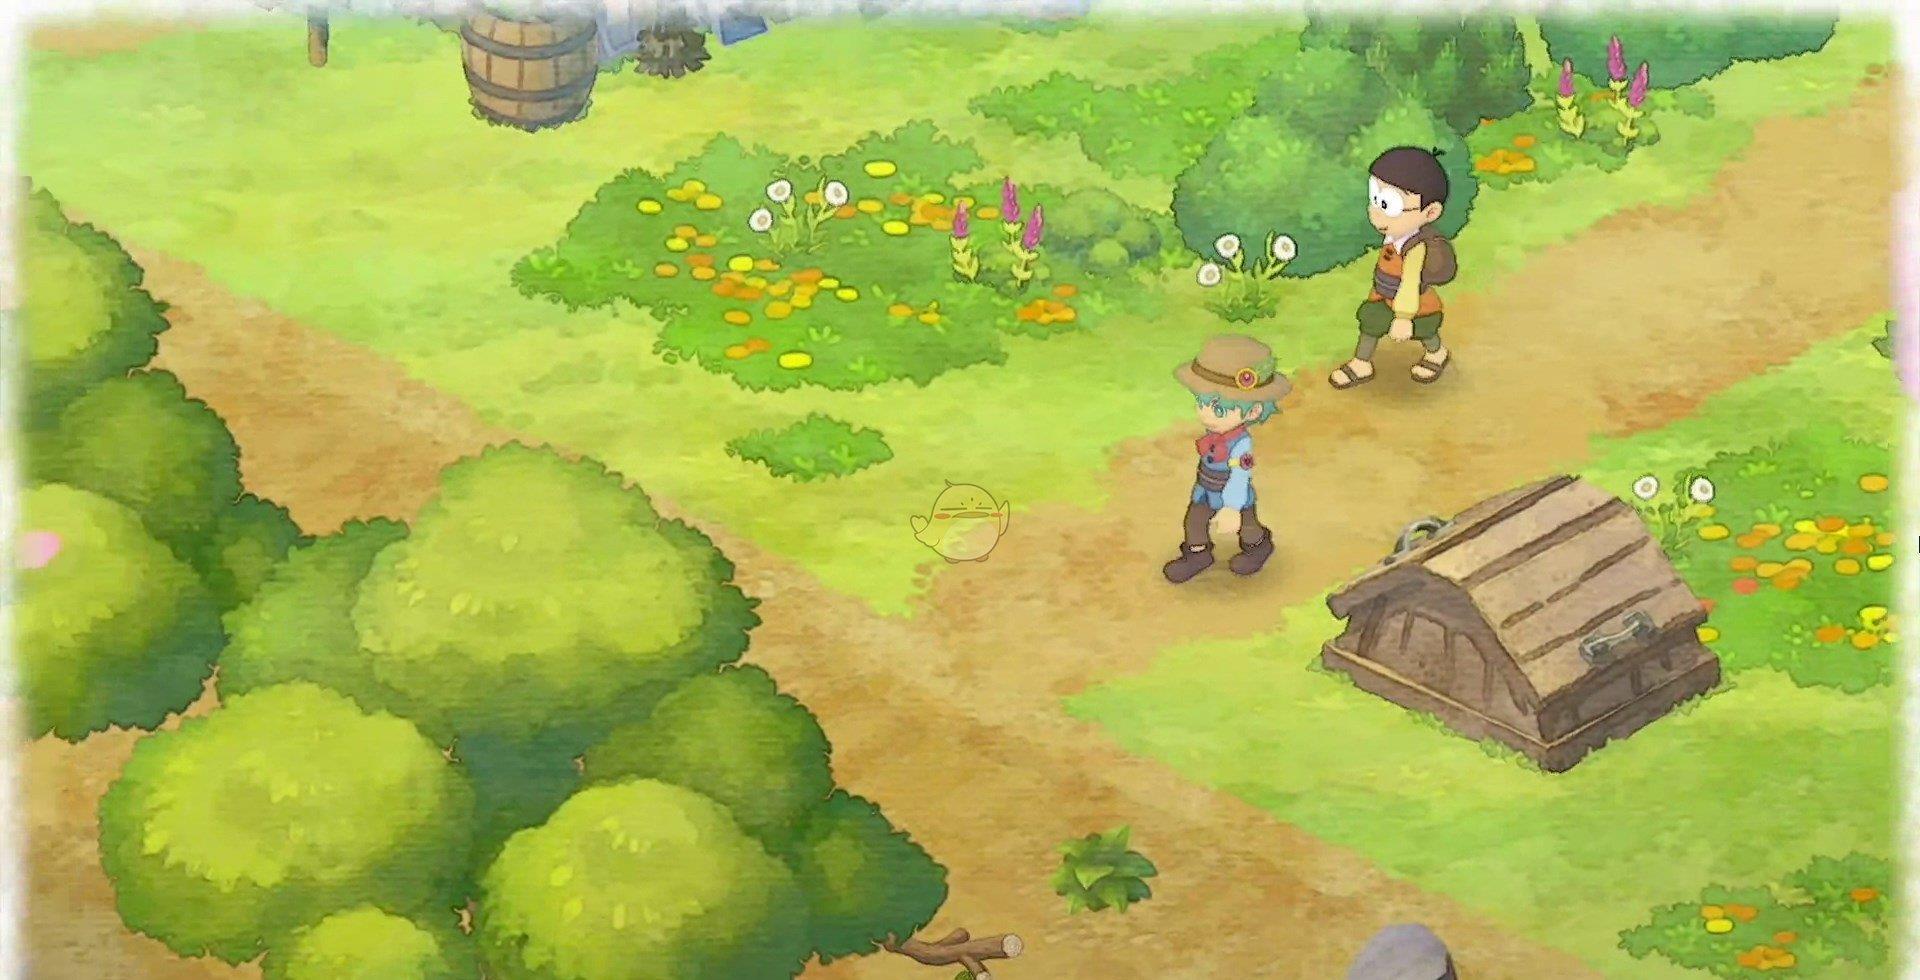 《哆啦A梦:大雄的牧场物语》百合花种子获得方法分享